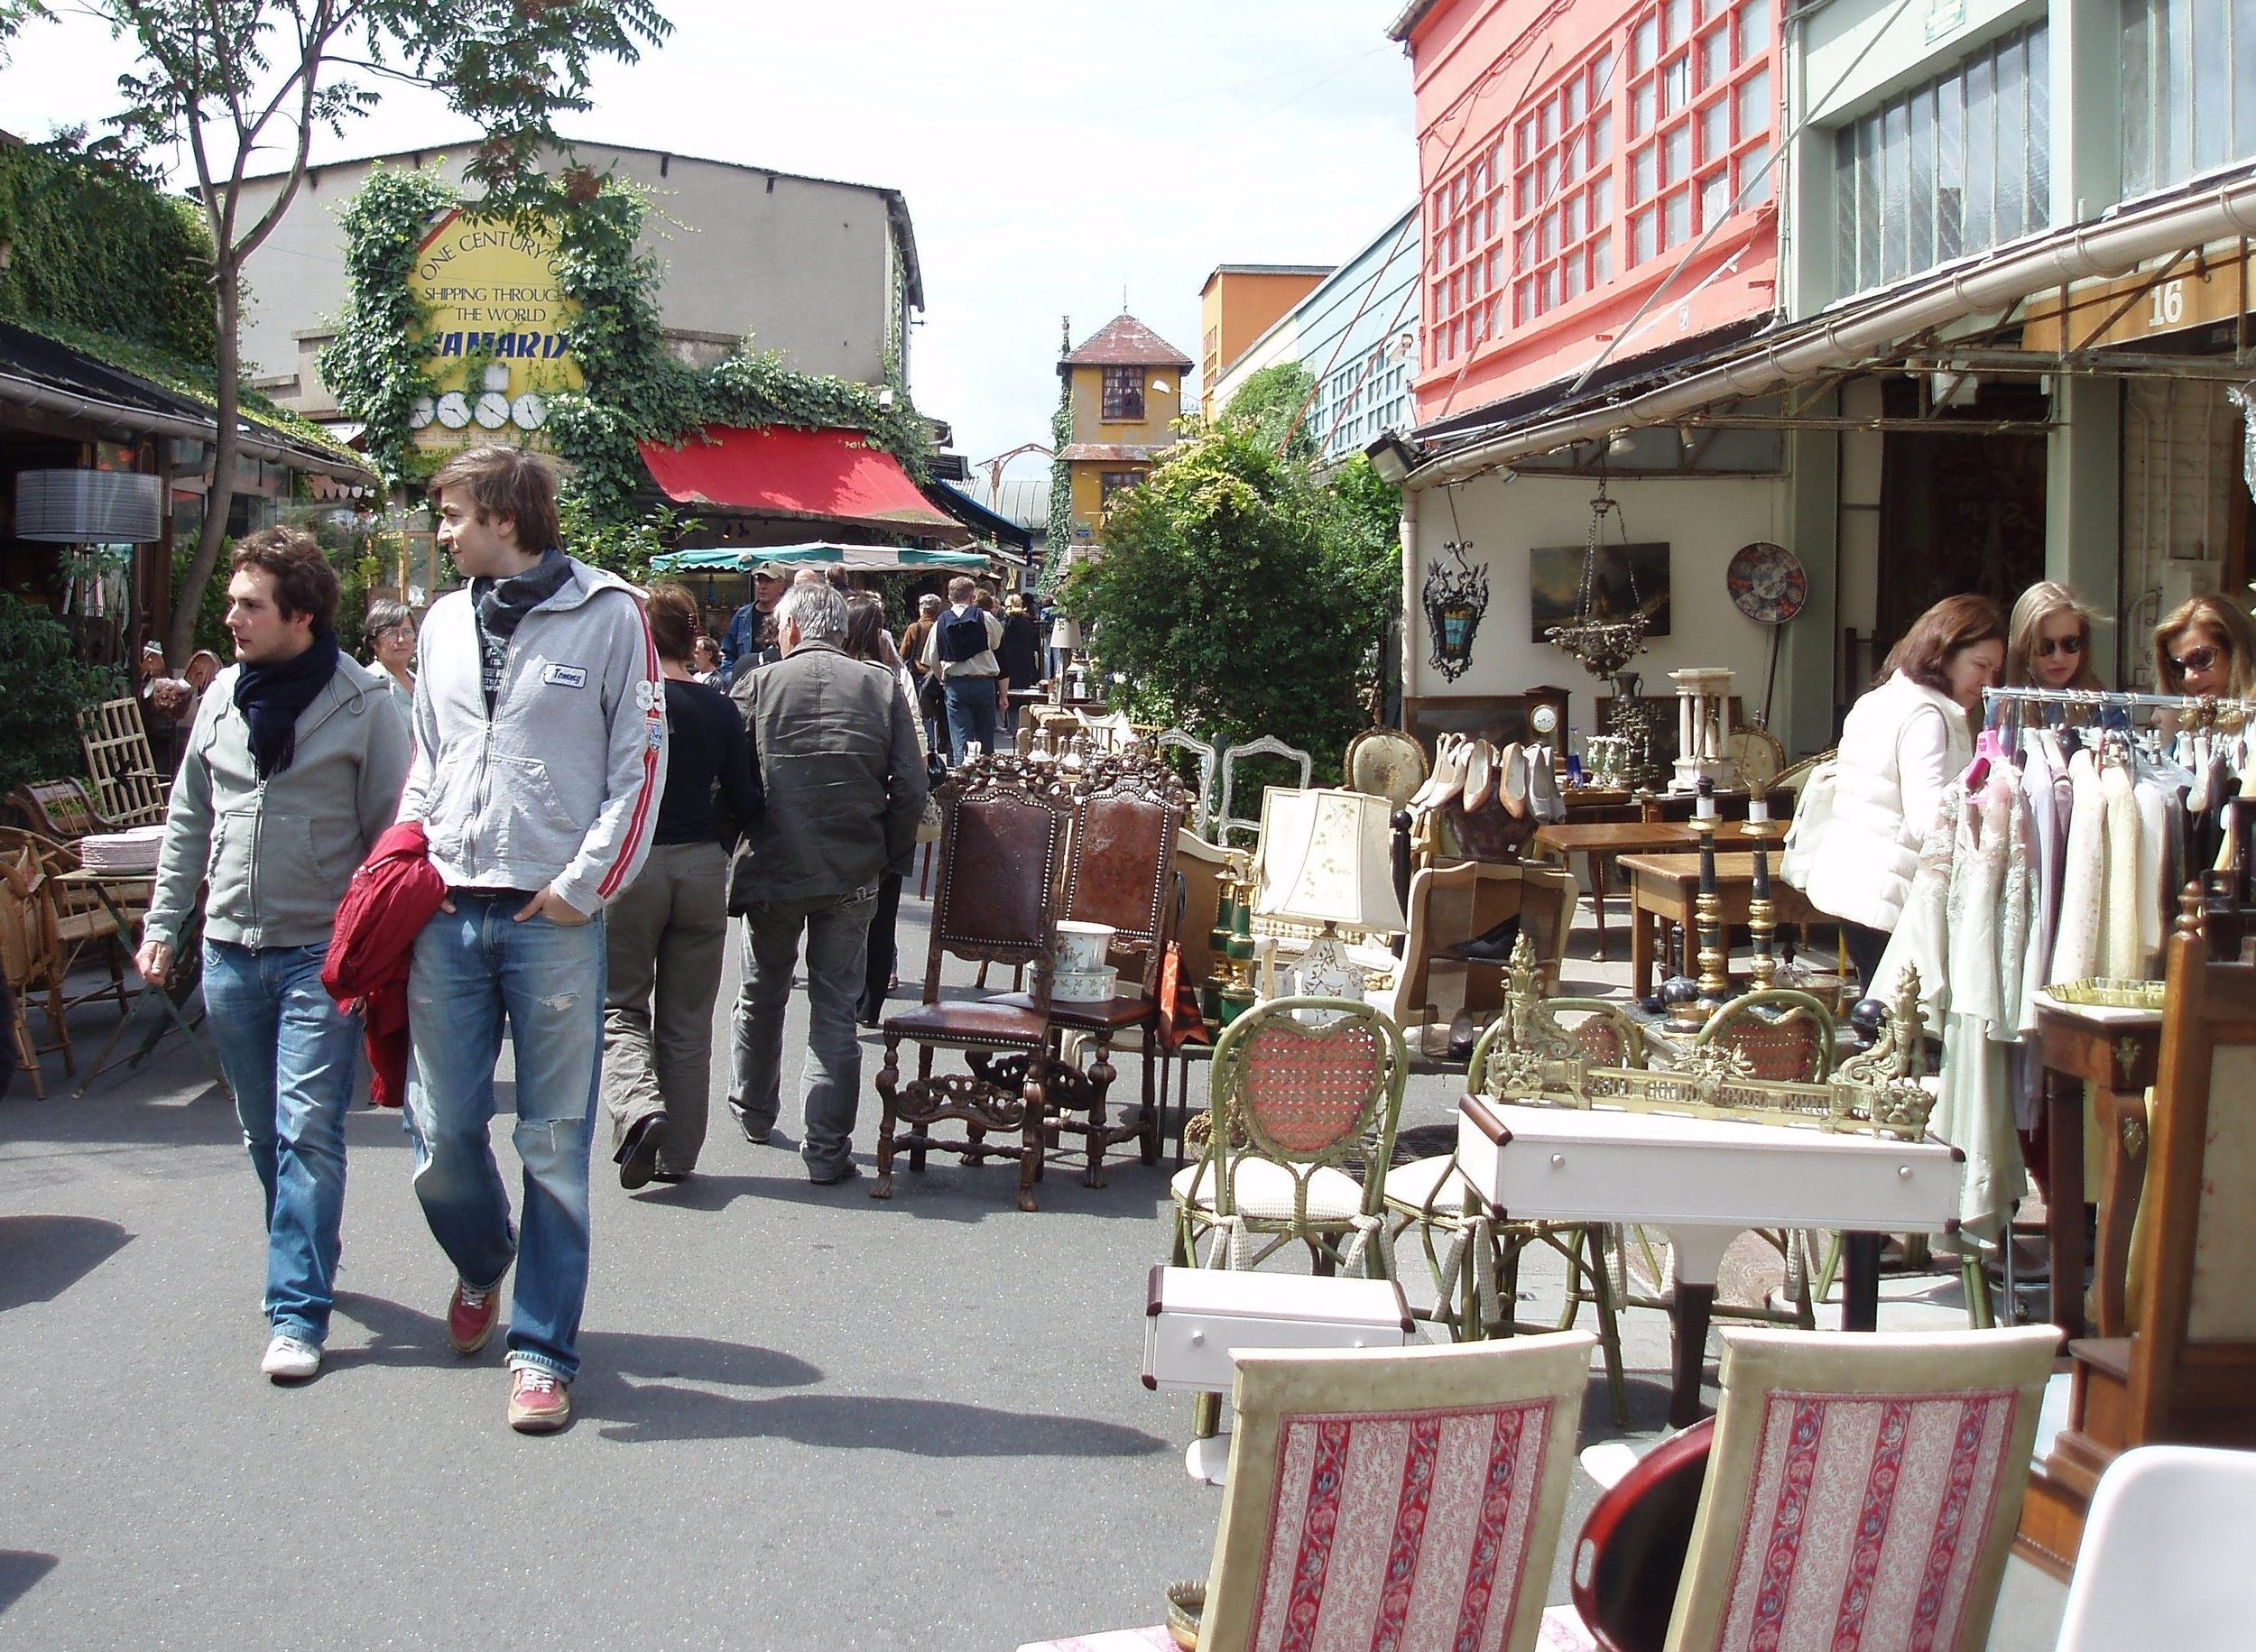 Les nouvelles boutiques tendances du march aux puces de saint ouen - Marche au puce paris vetement ...